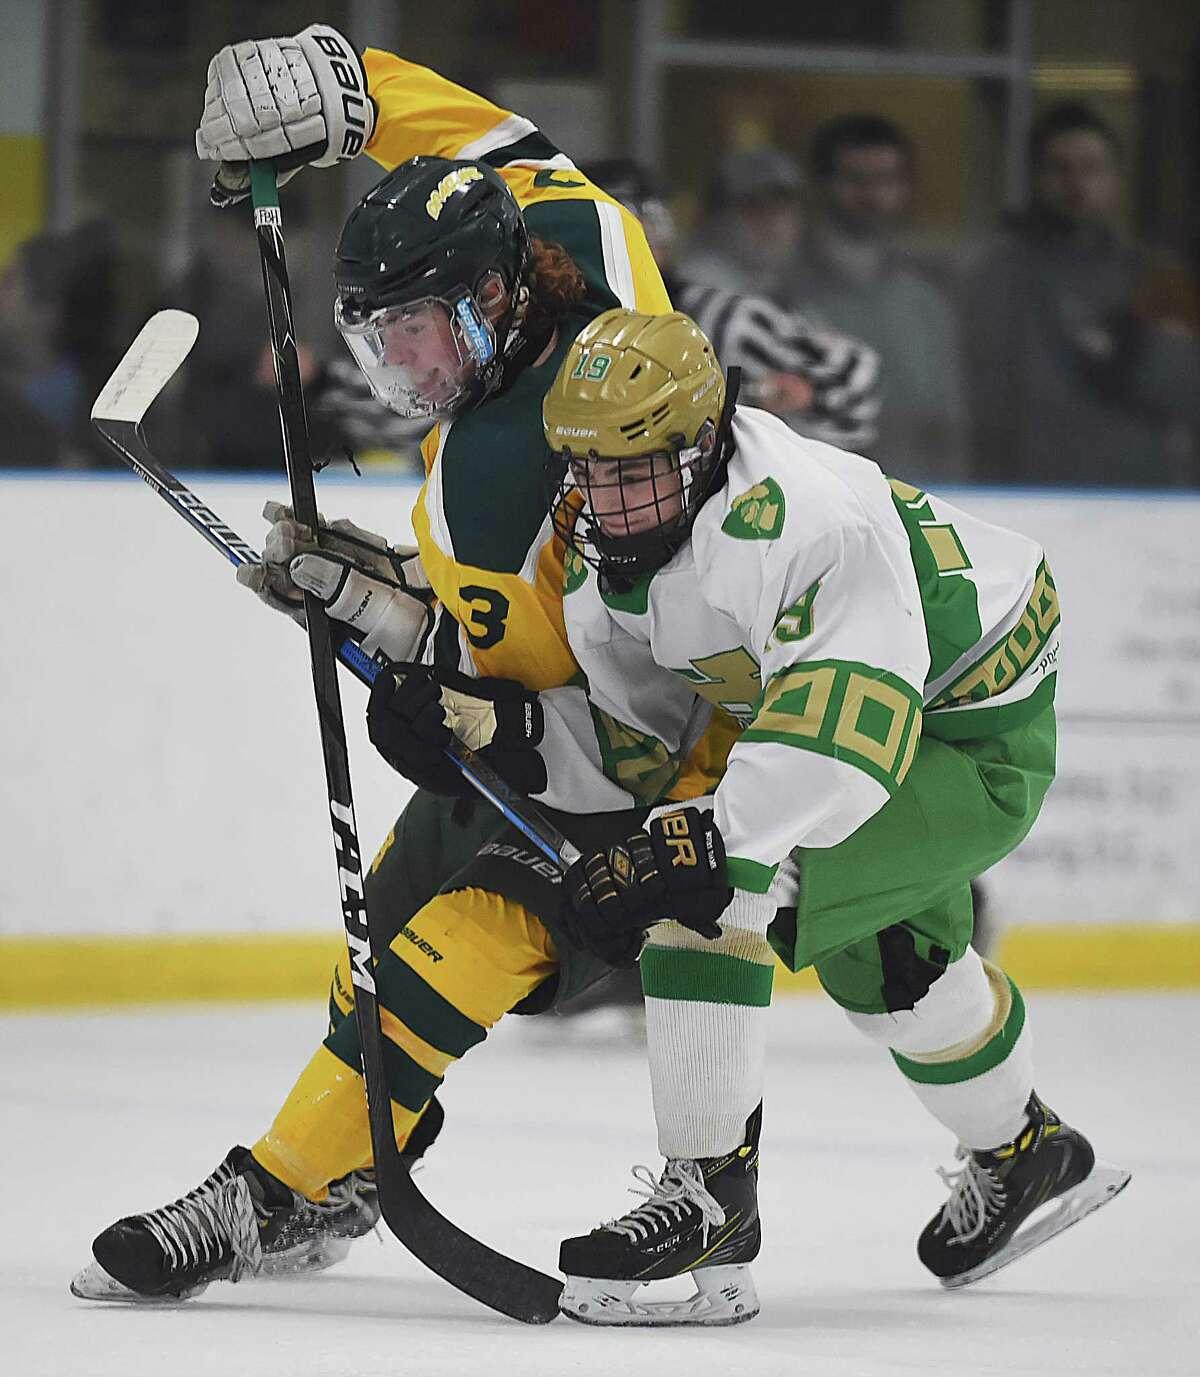 Notre Dame-West Haven defenseman Connor Morgan battles Hamden forward Zach Owens for a loose puck, Saturday, Jan. 20, 2018, at Astorino Rink in Hamden. Notre Dame won, 5-1.